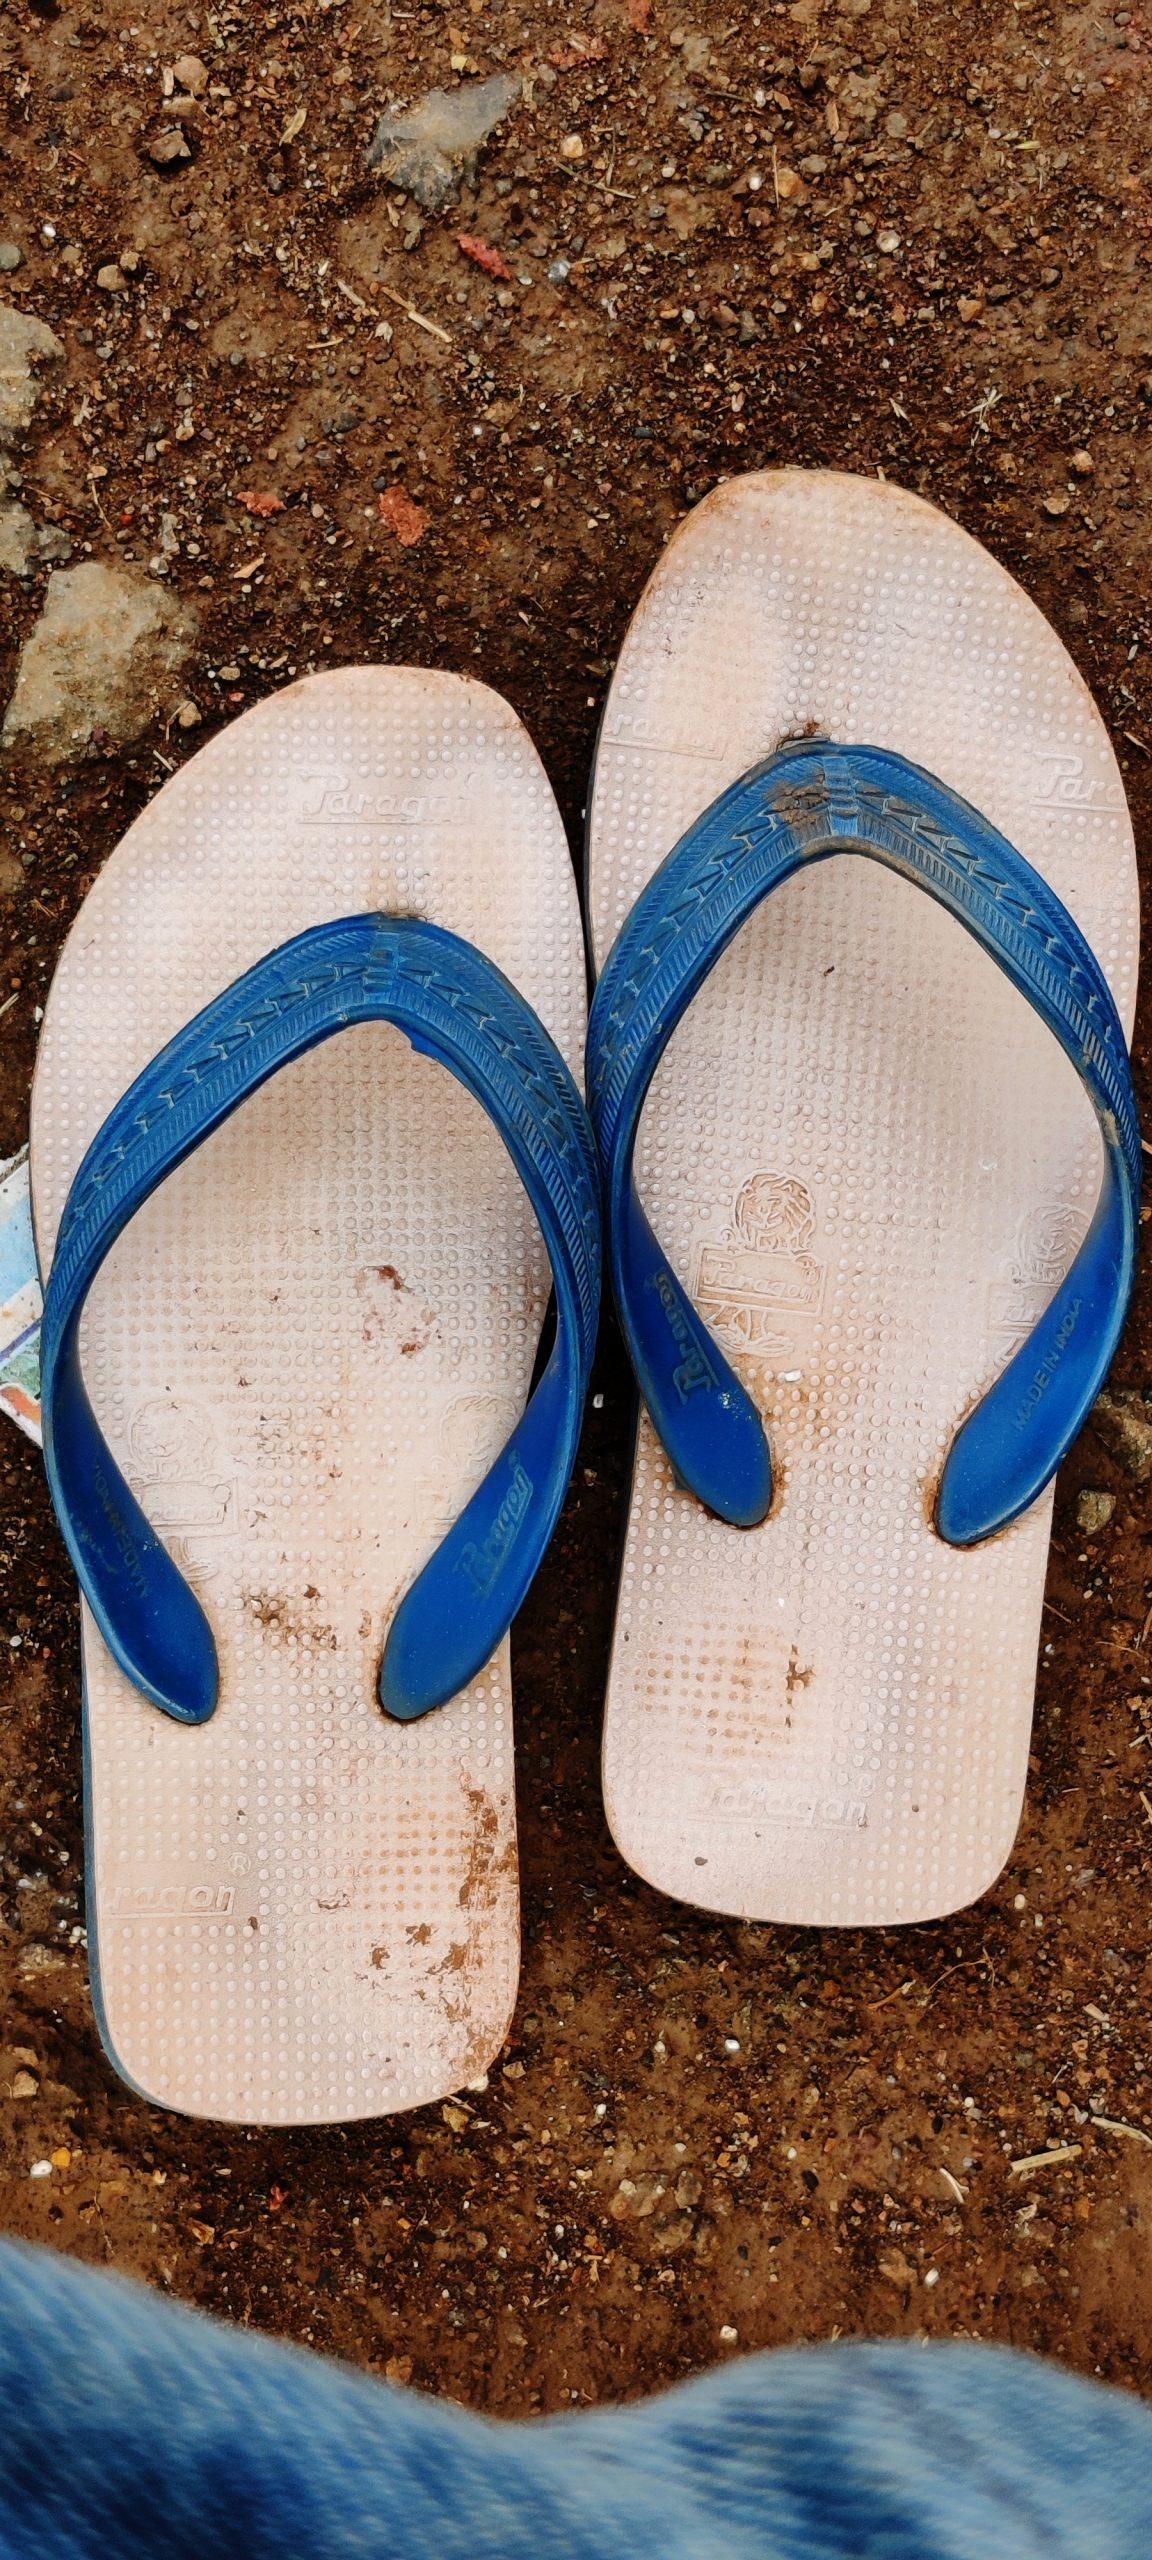 Rubber slipper